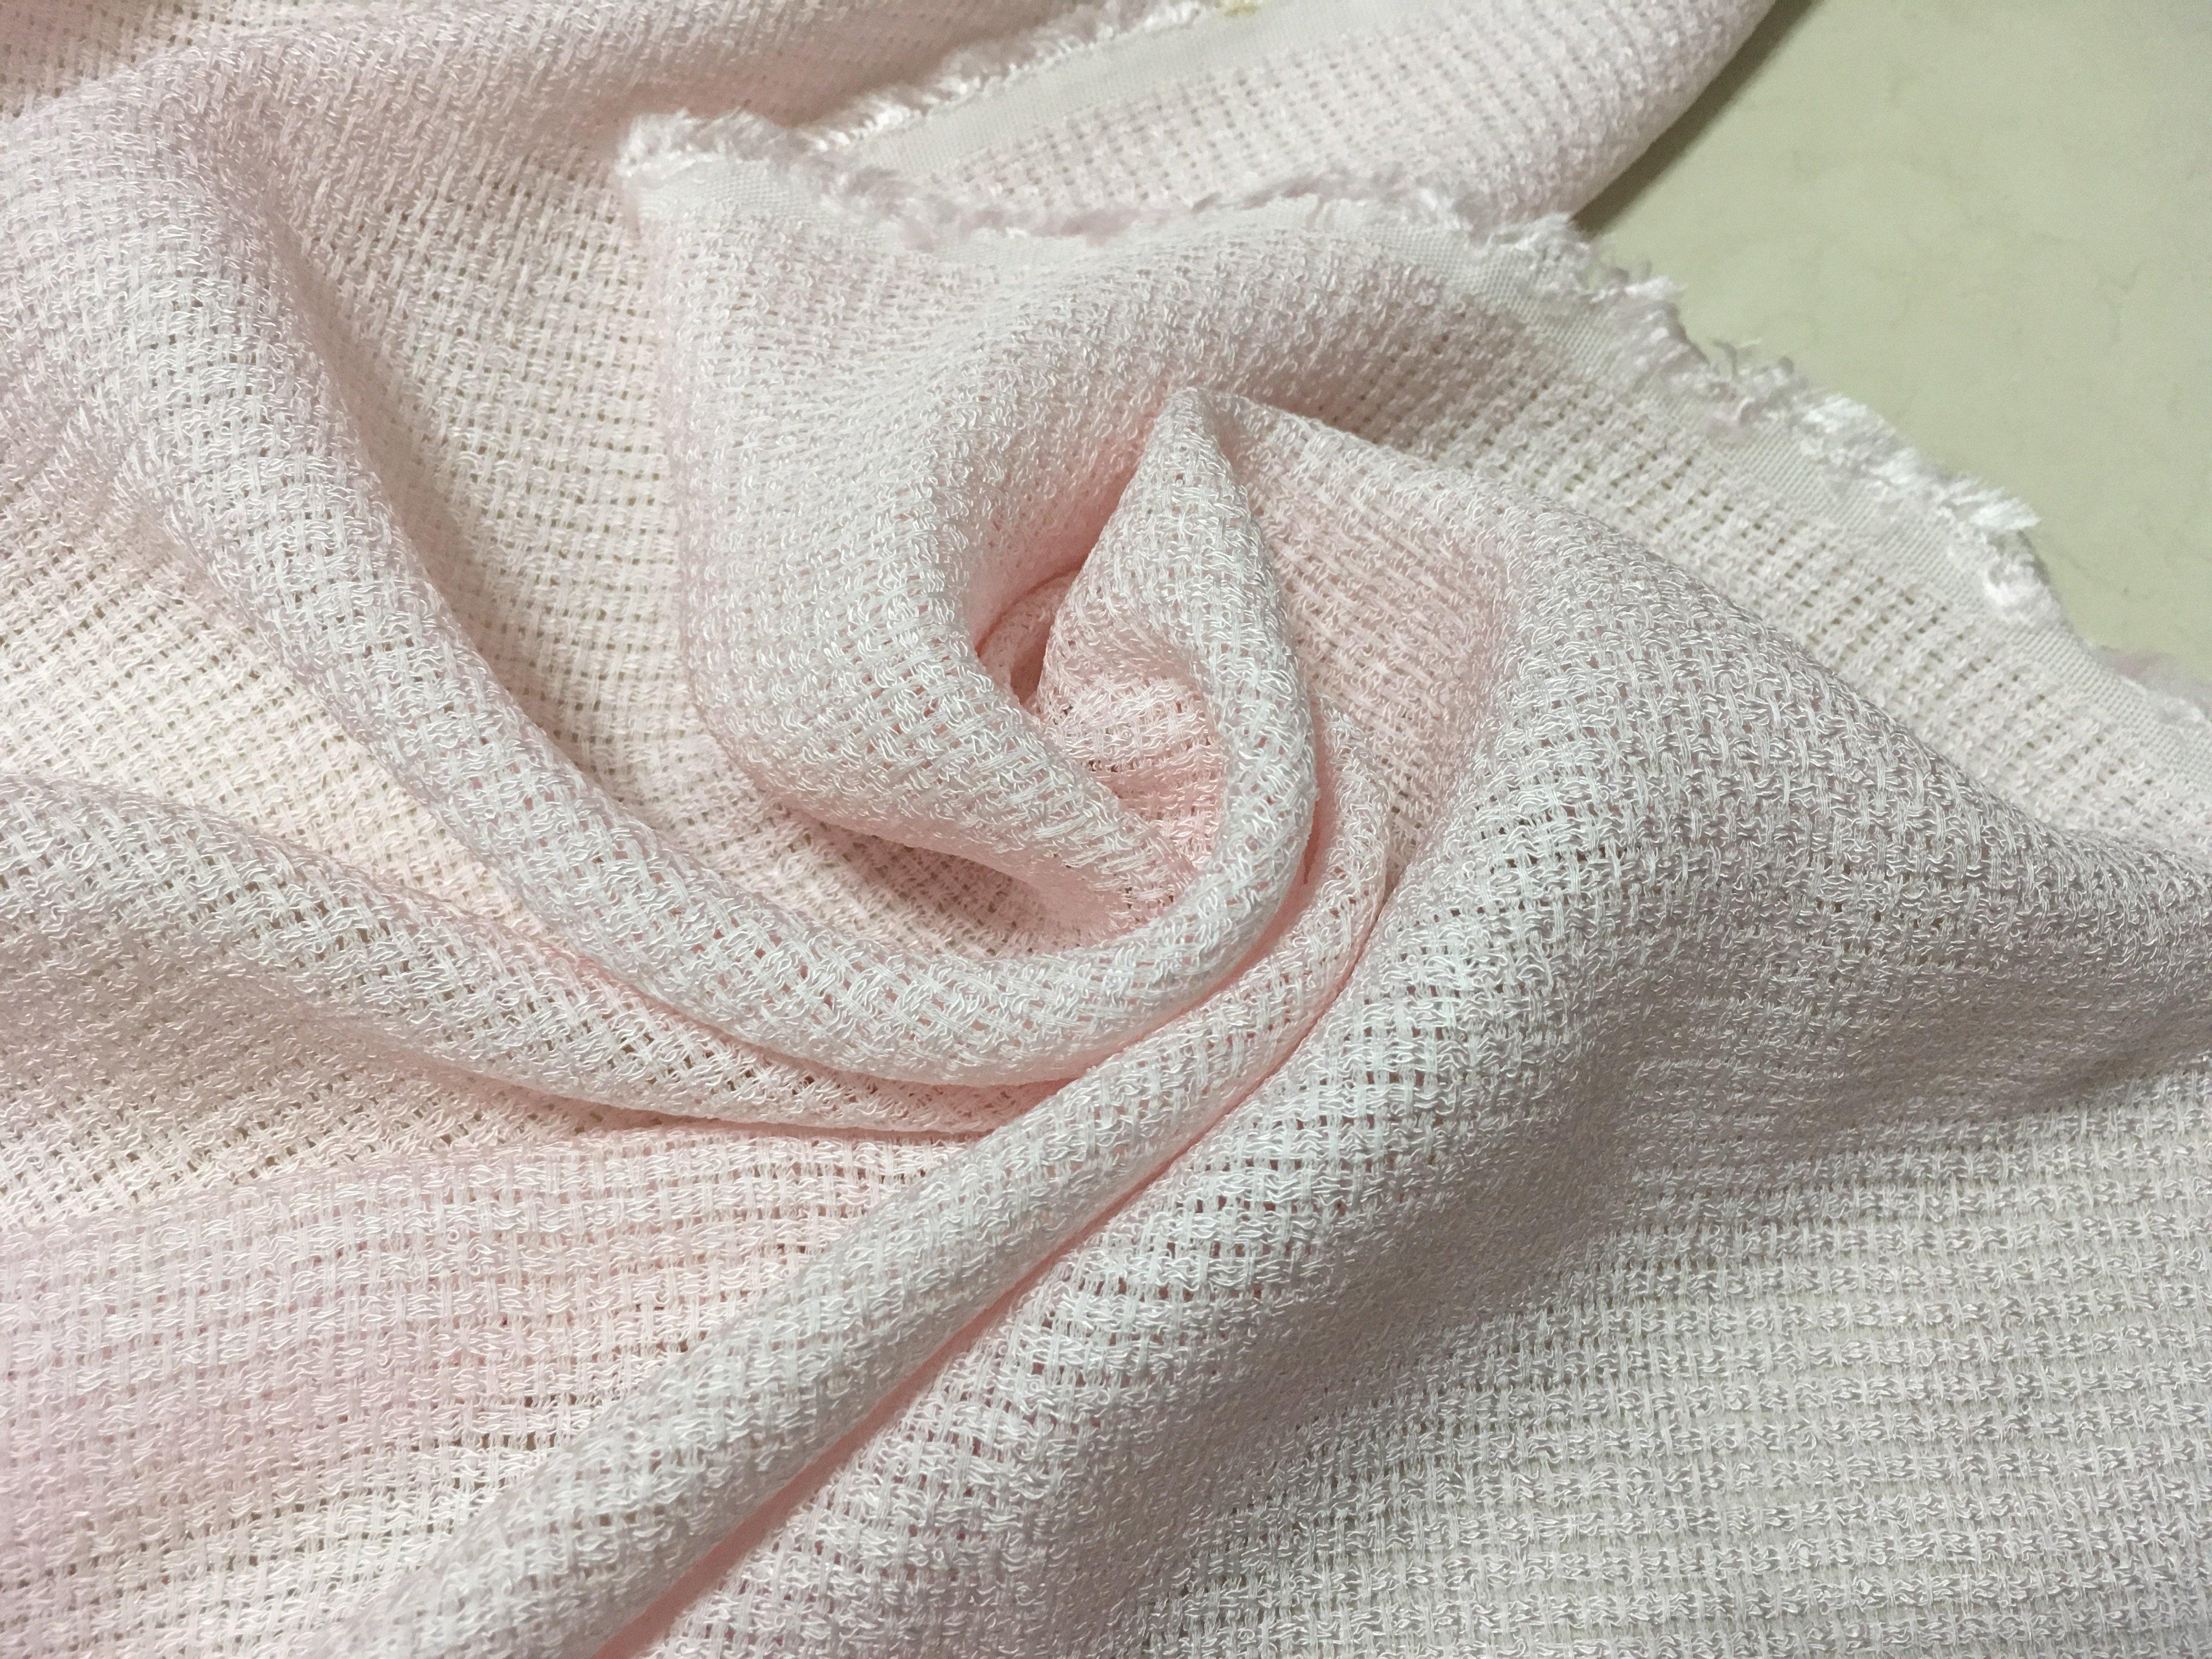 地帶~粉紅色係針織布13尺120元 ~(129*390公分)做休閒服.衣服.罩衫.針織衫~NG~一點髒. 賣~